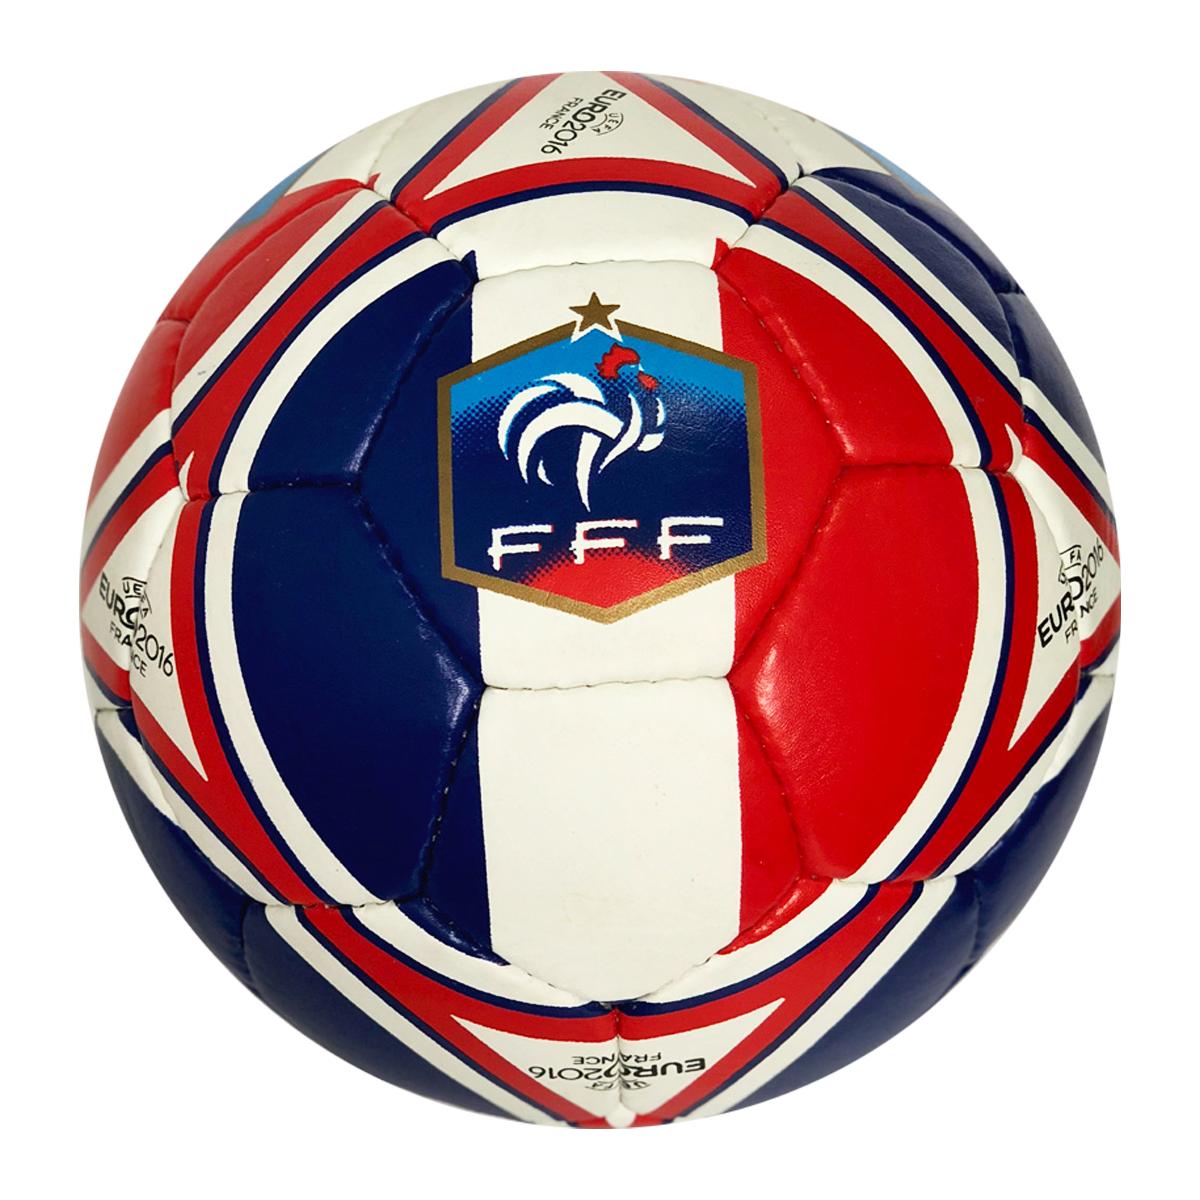 Клубний м'яч FFF France